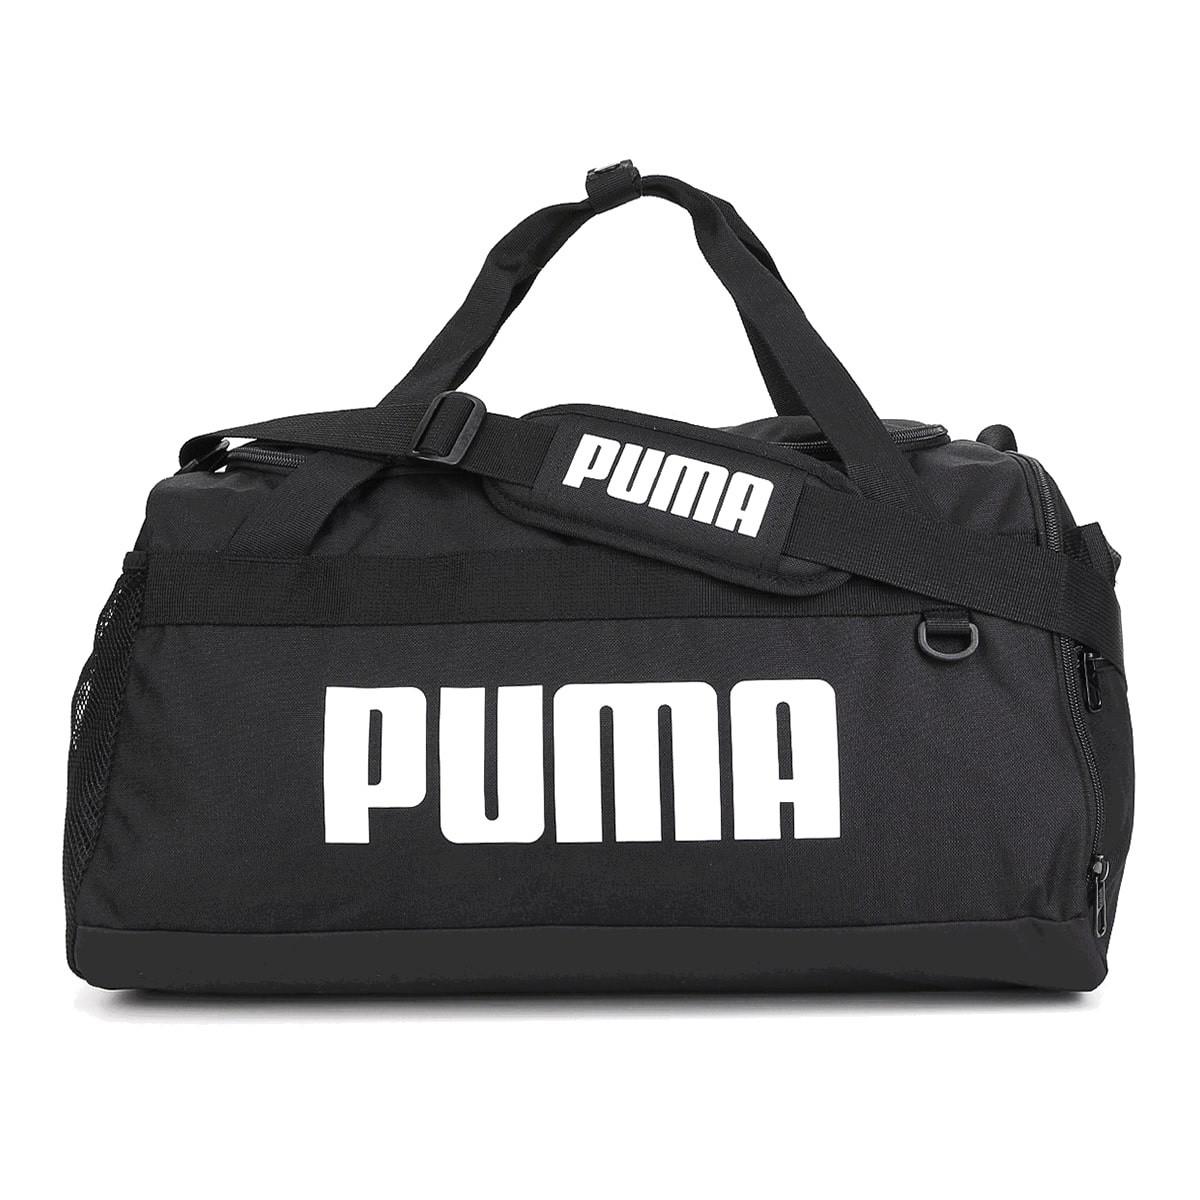 Mala Puma Challenger Duffel S Preto